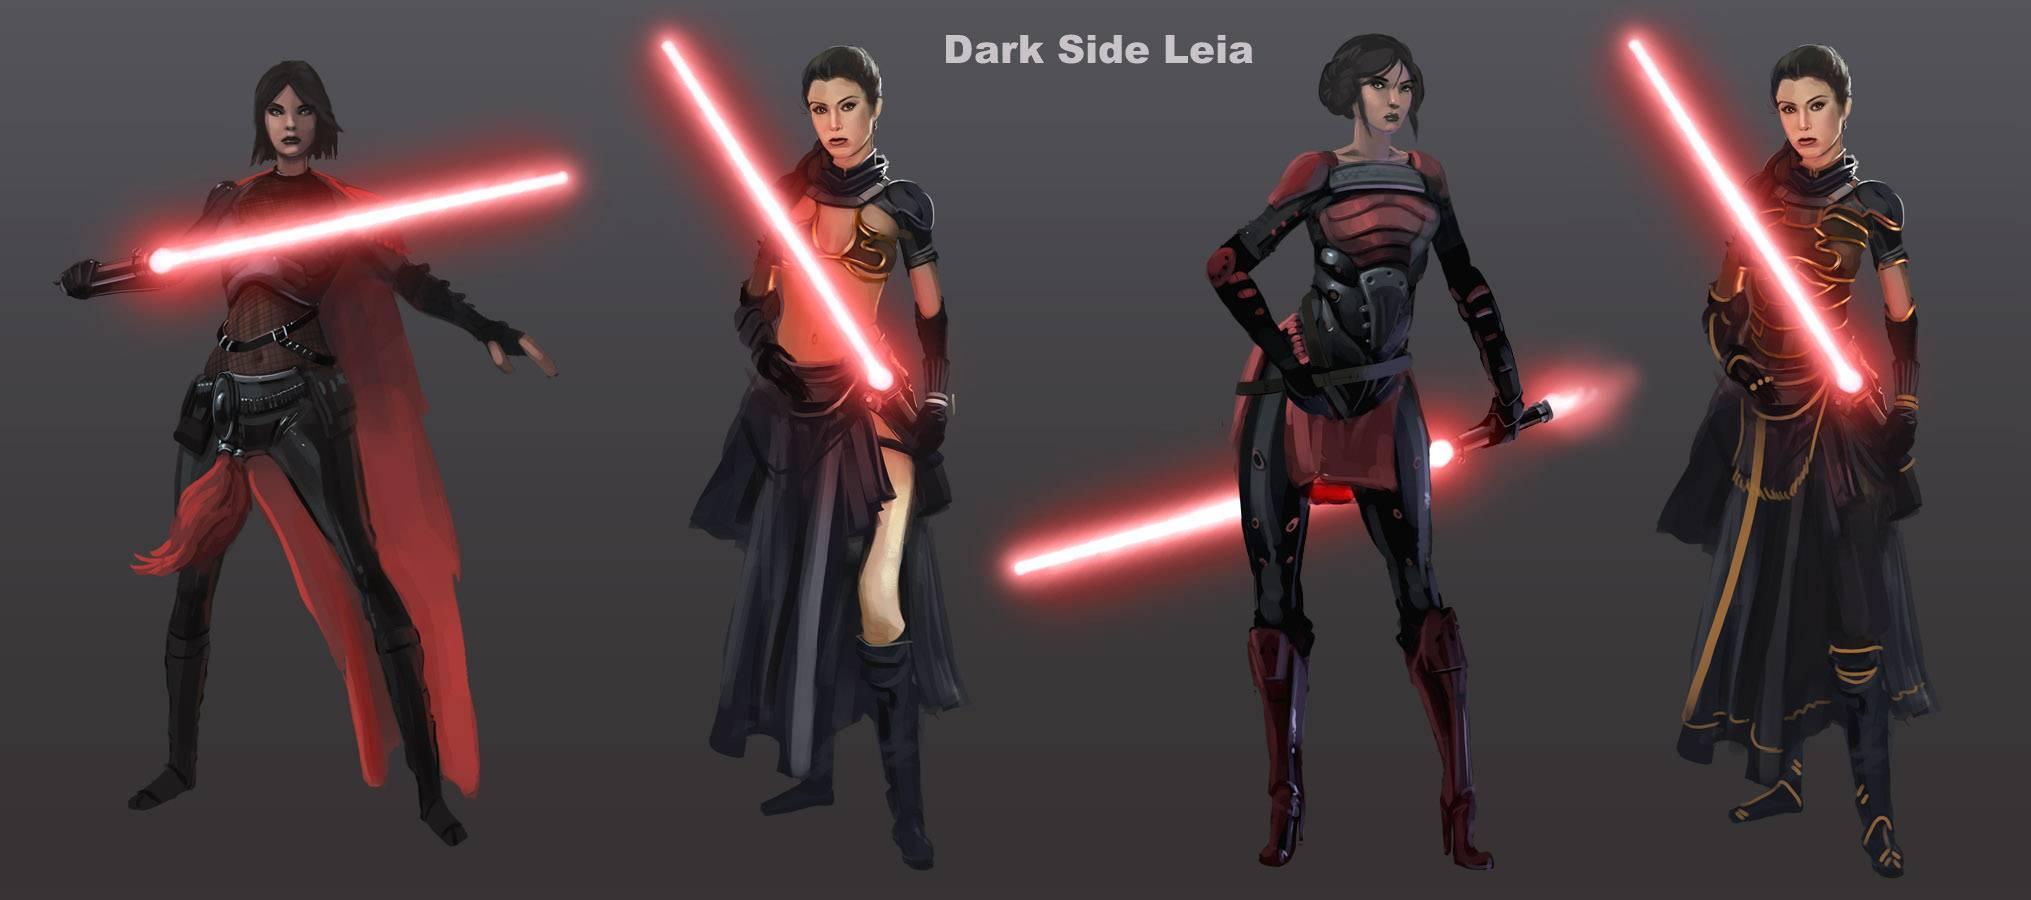 Арт: вот как выглядели бы Люк и Лея на Тёмной стороне и Дарт Вейдер — на Светлой 8